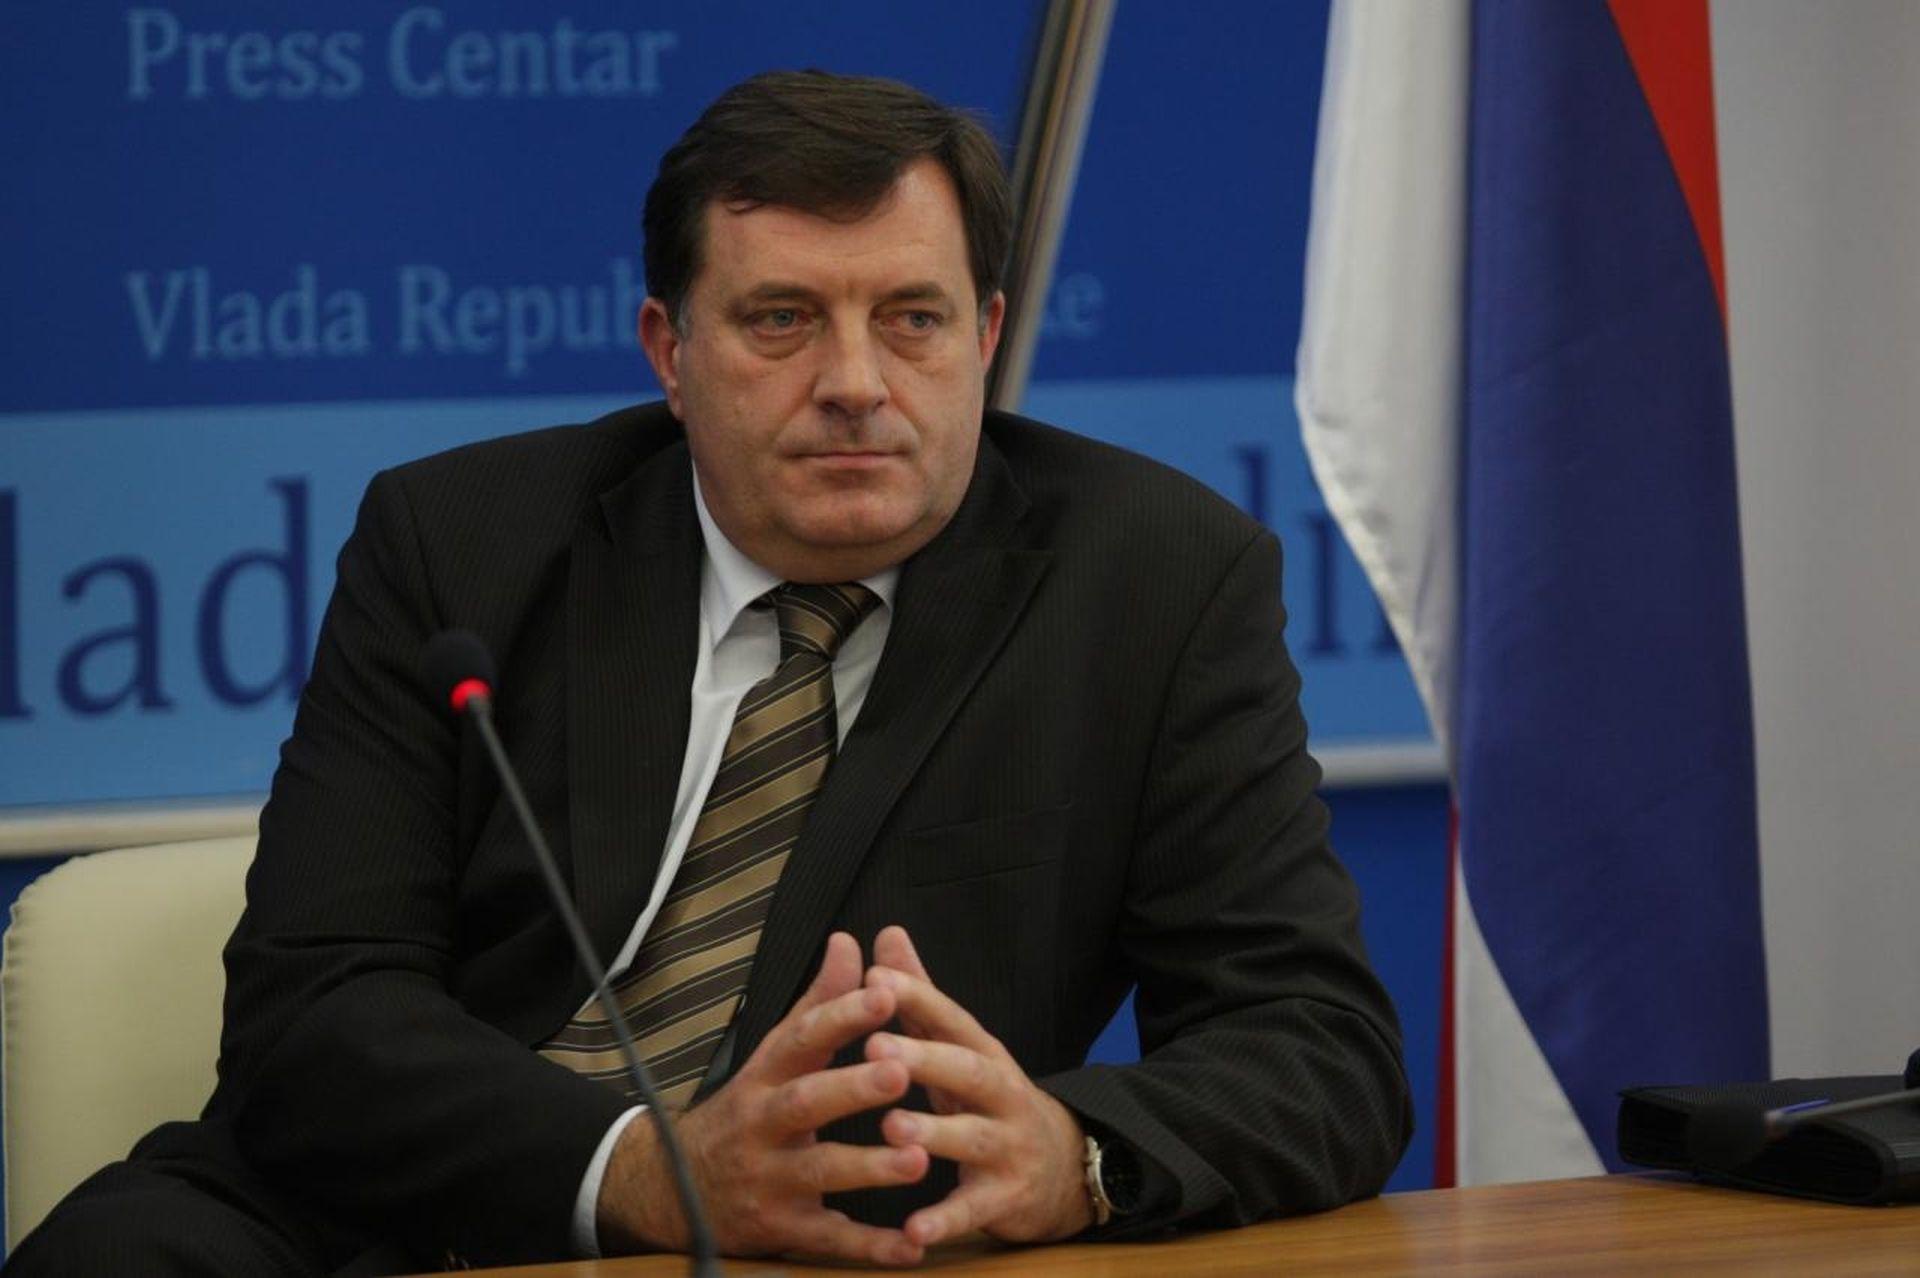 NOVI NEPRIJATELJ NA POPISU Dodik i Veliku Britaniju proglasio neprijateljem Srba